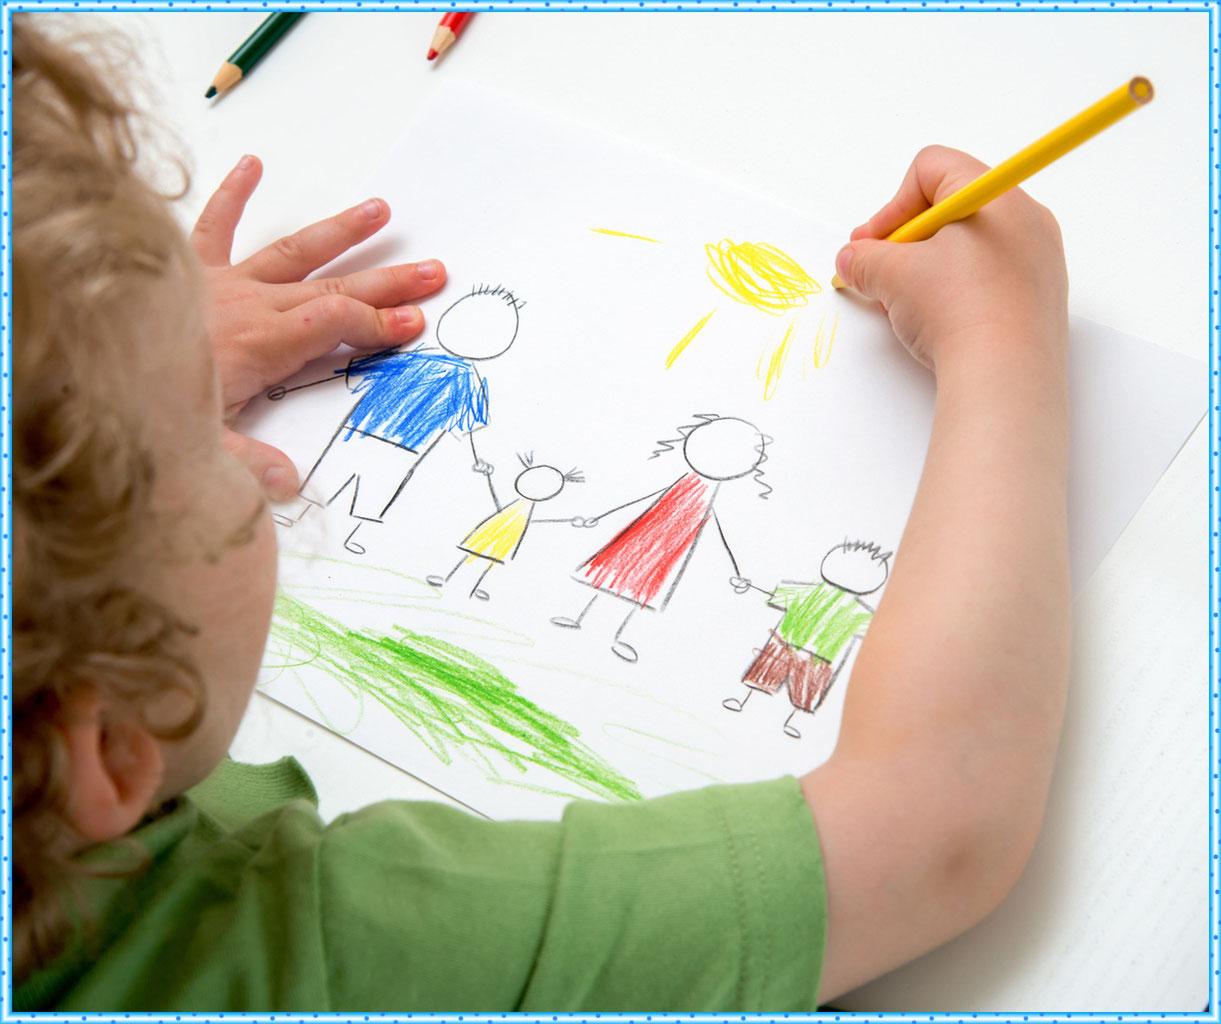 Картинки для рисования учит предоставляем